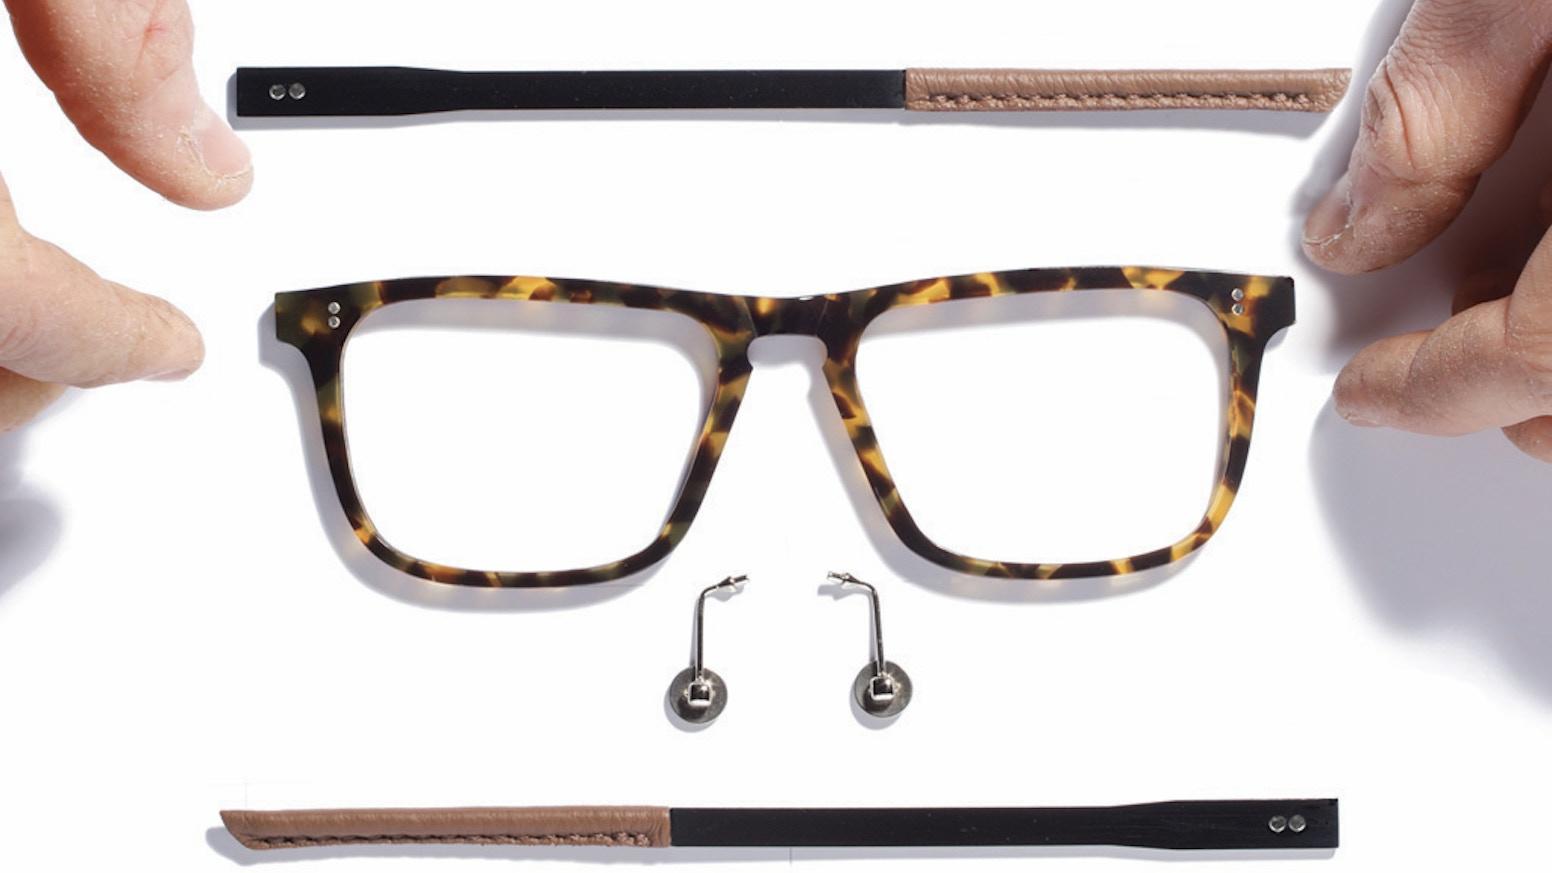 Create Your Own Eyewear By Banton Frameworks Kickstarter